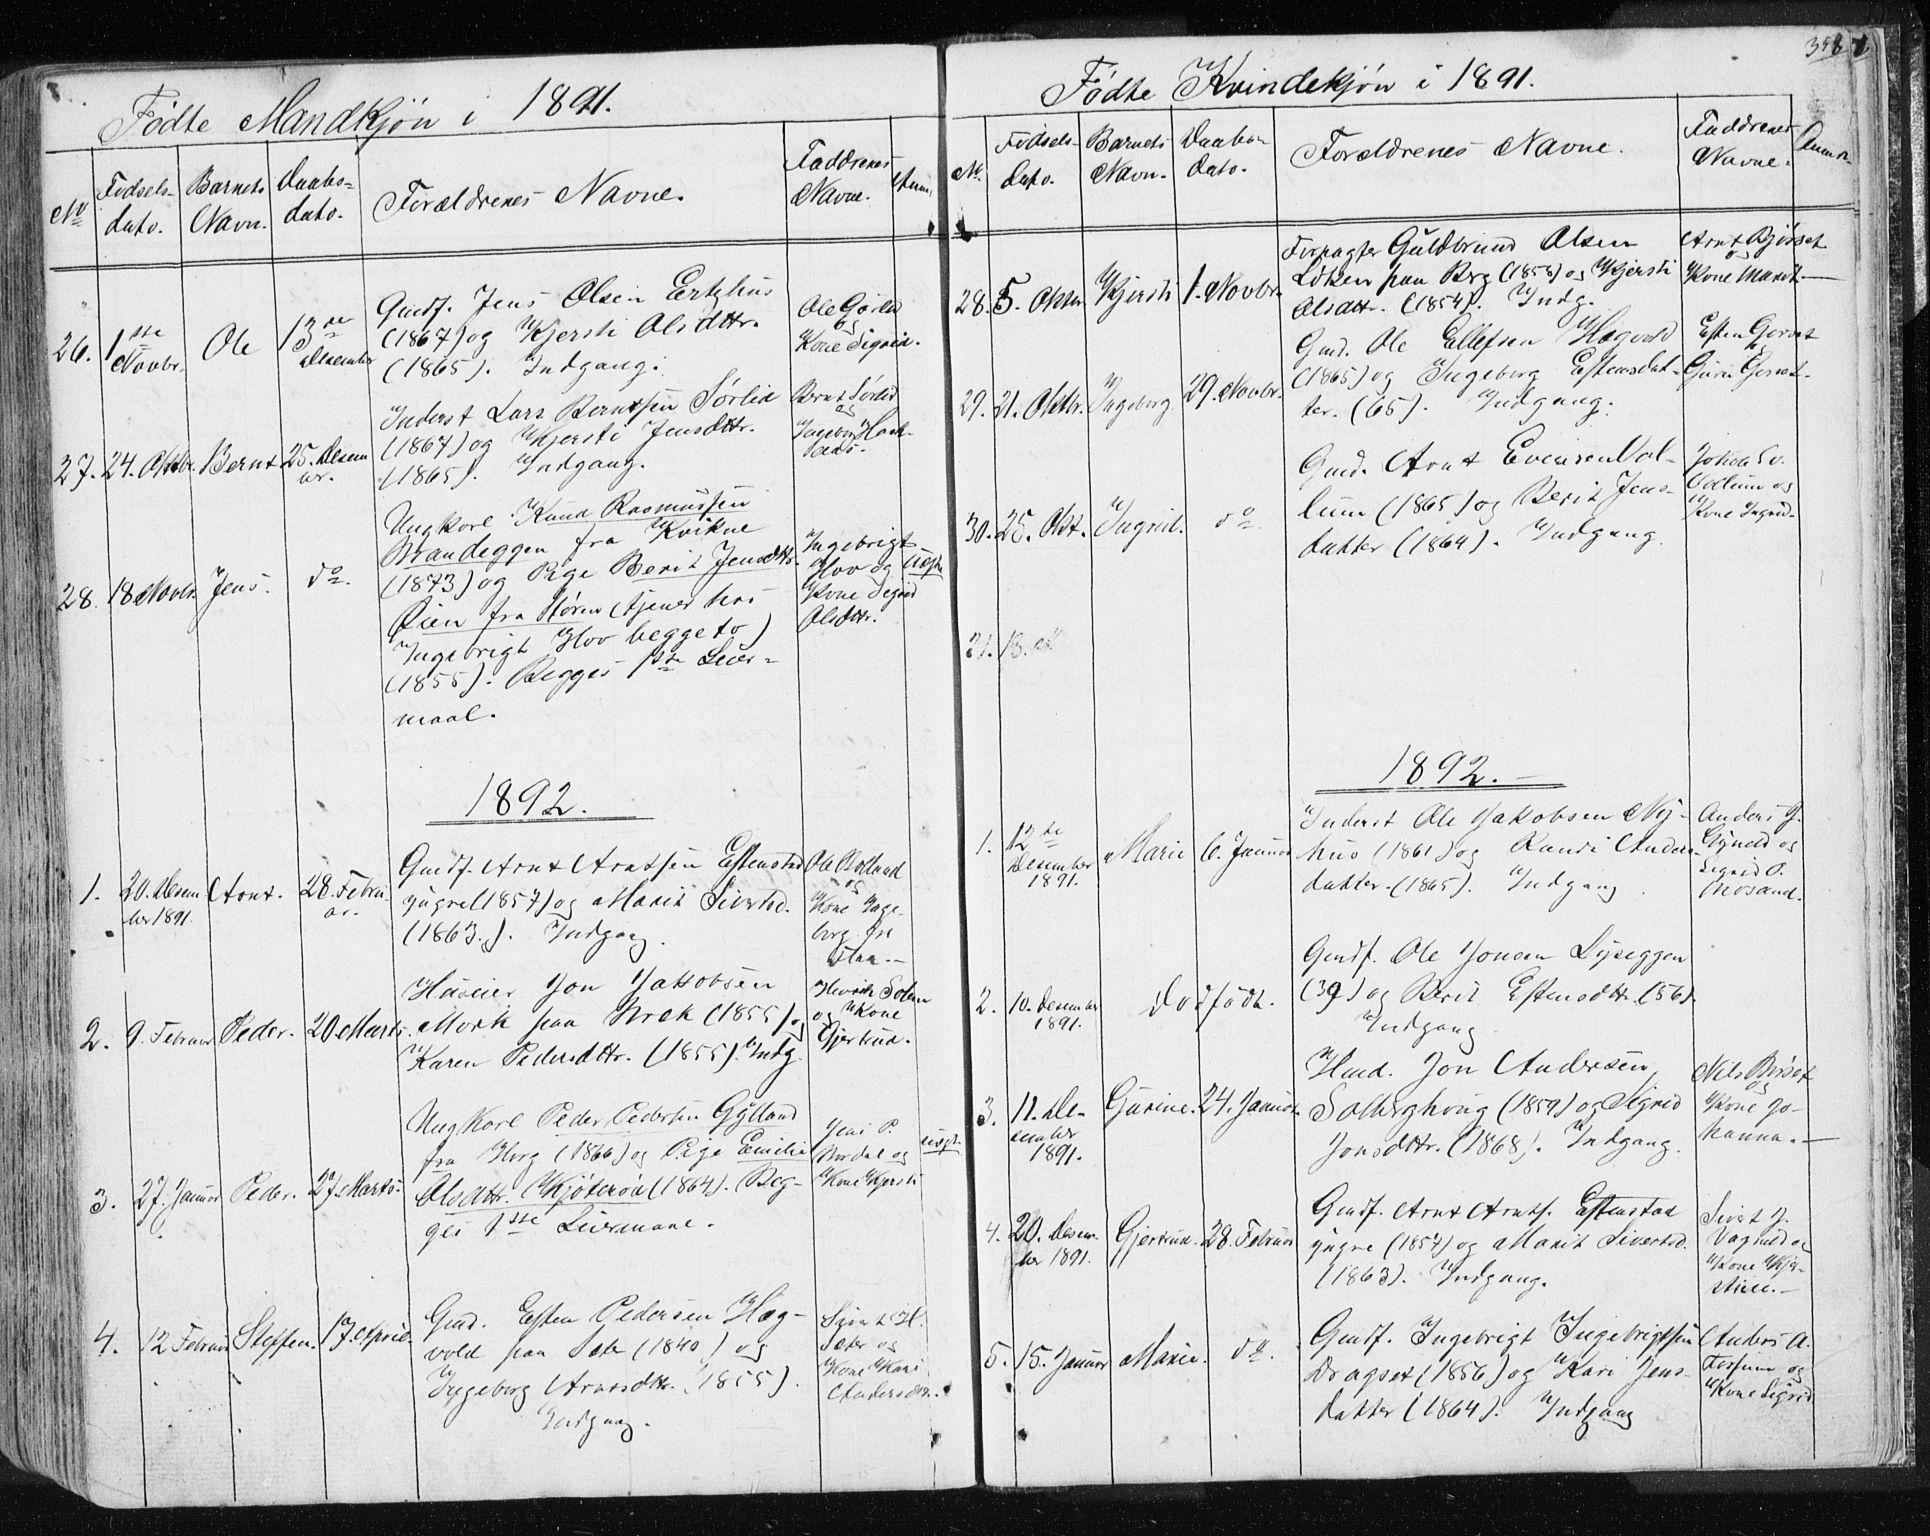 SAT, Ministerialprotokoller, klokkerbøker og fødselsregistre - Sør-Trøndelag, 689/L1043: Klokkerbok nr. 689C02, 1816-1892, s. 358